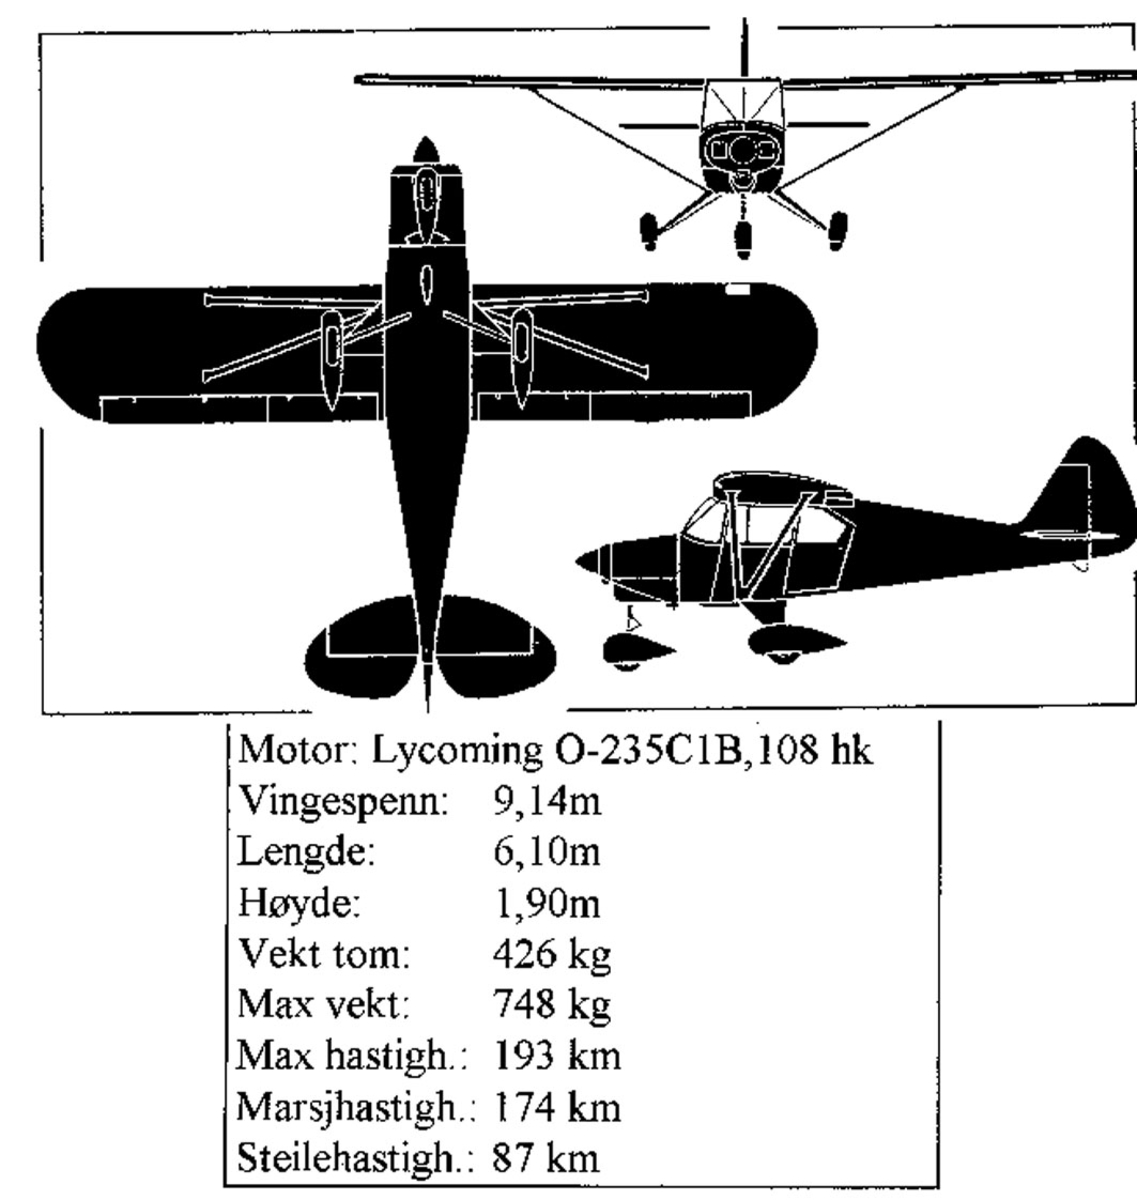 Treplanskisse, Piper PA-22 Colt.